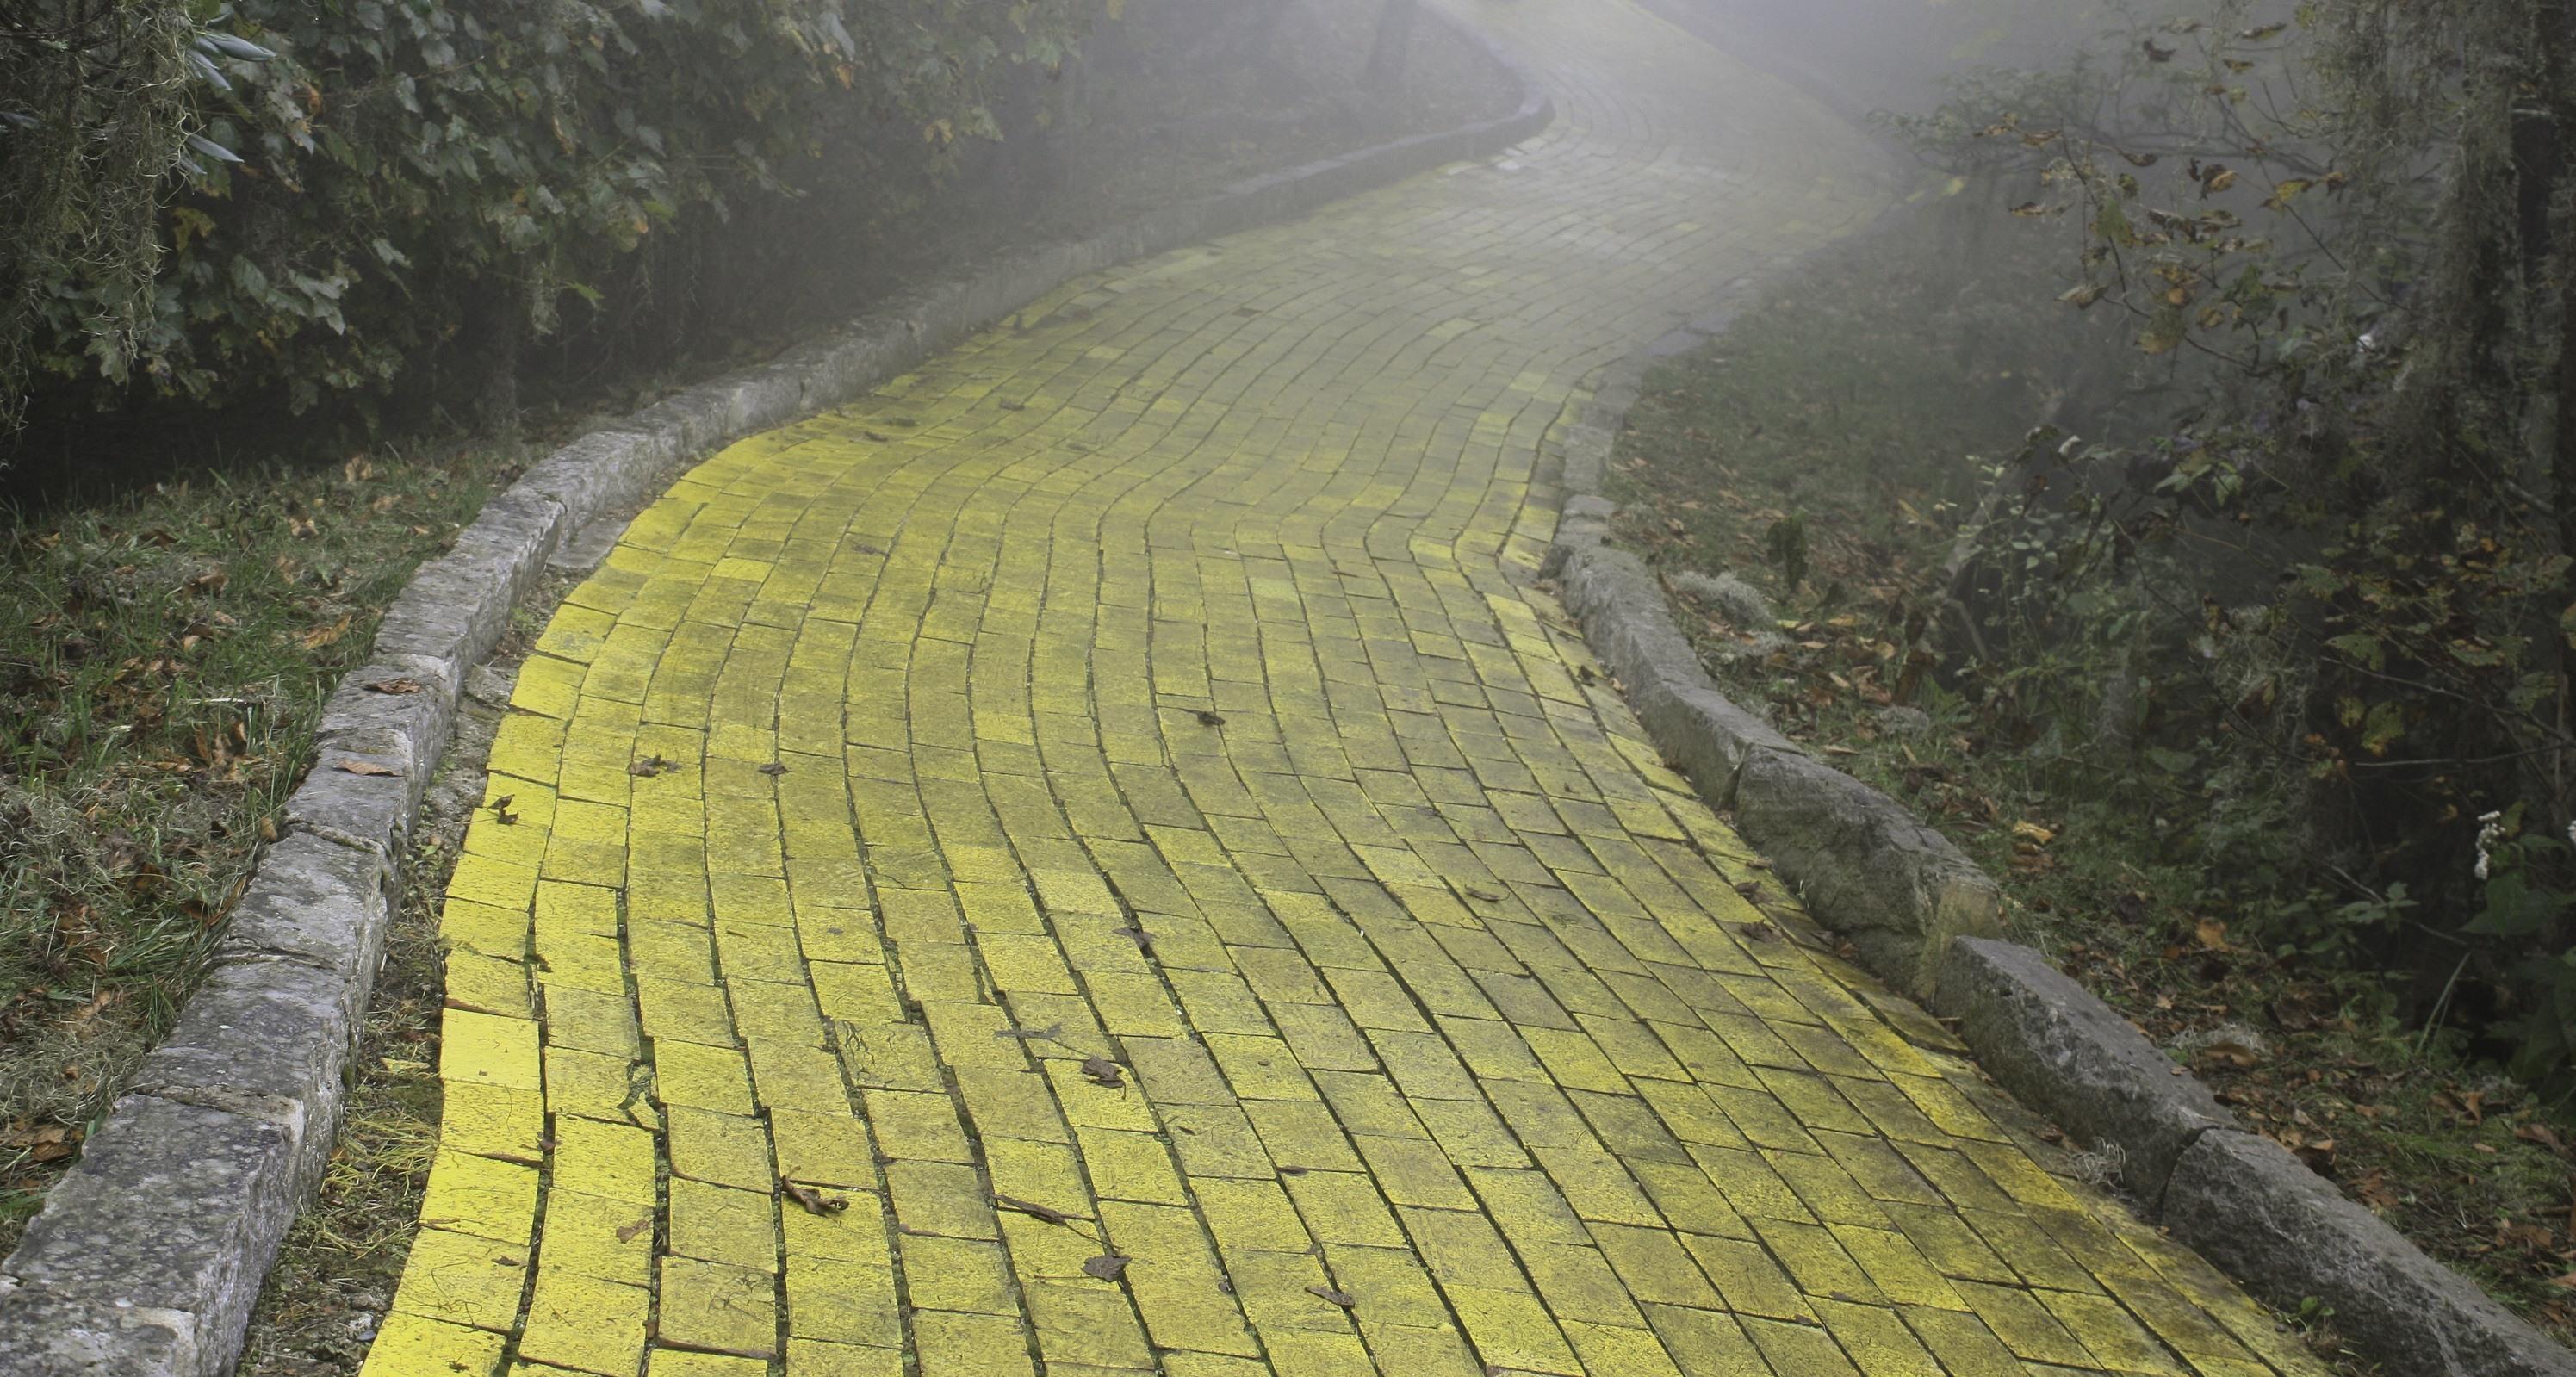 Land of Oz theme park abandoned